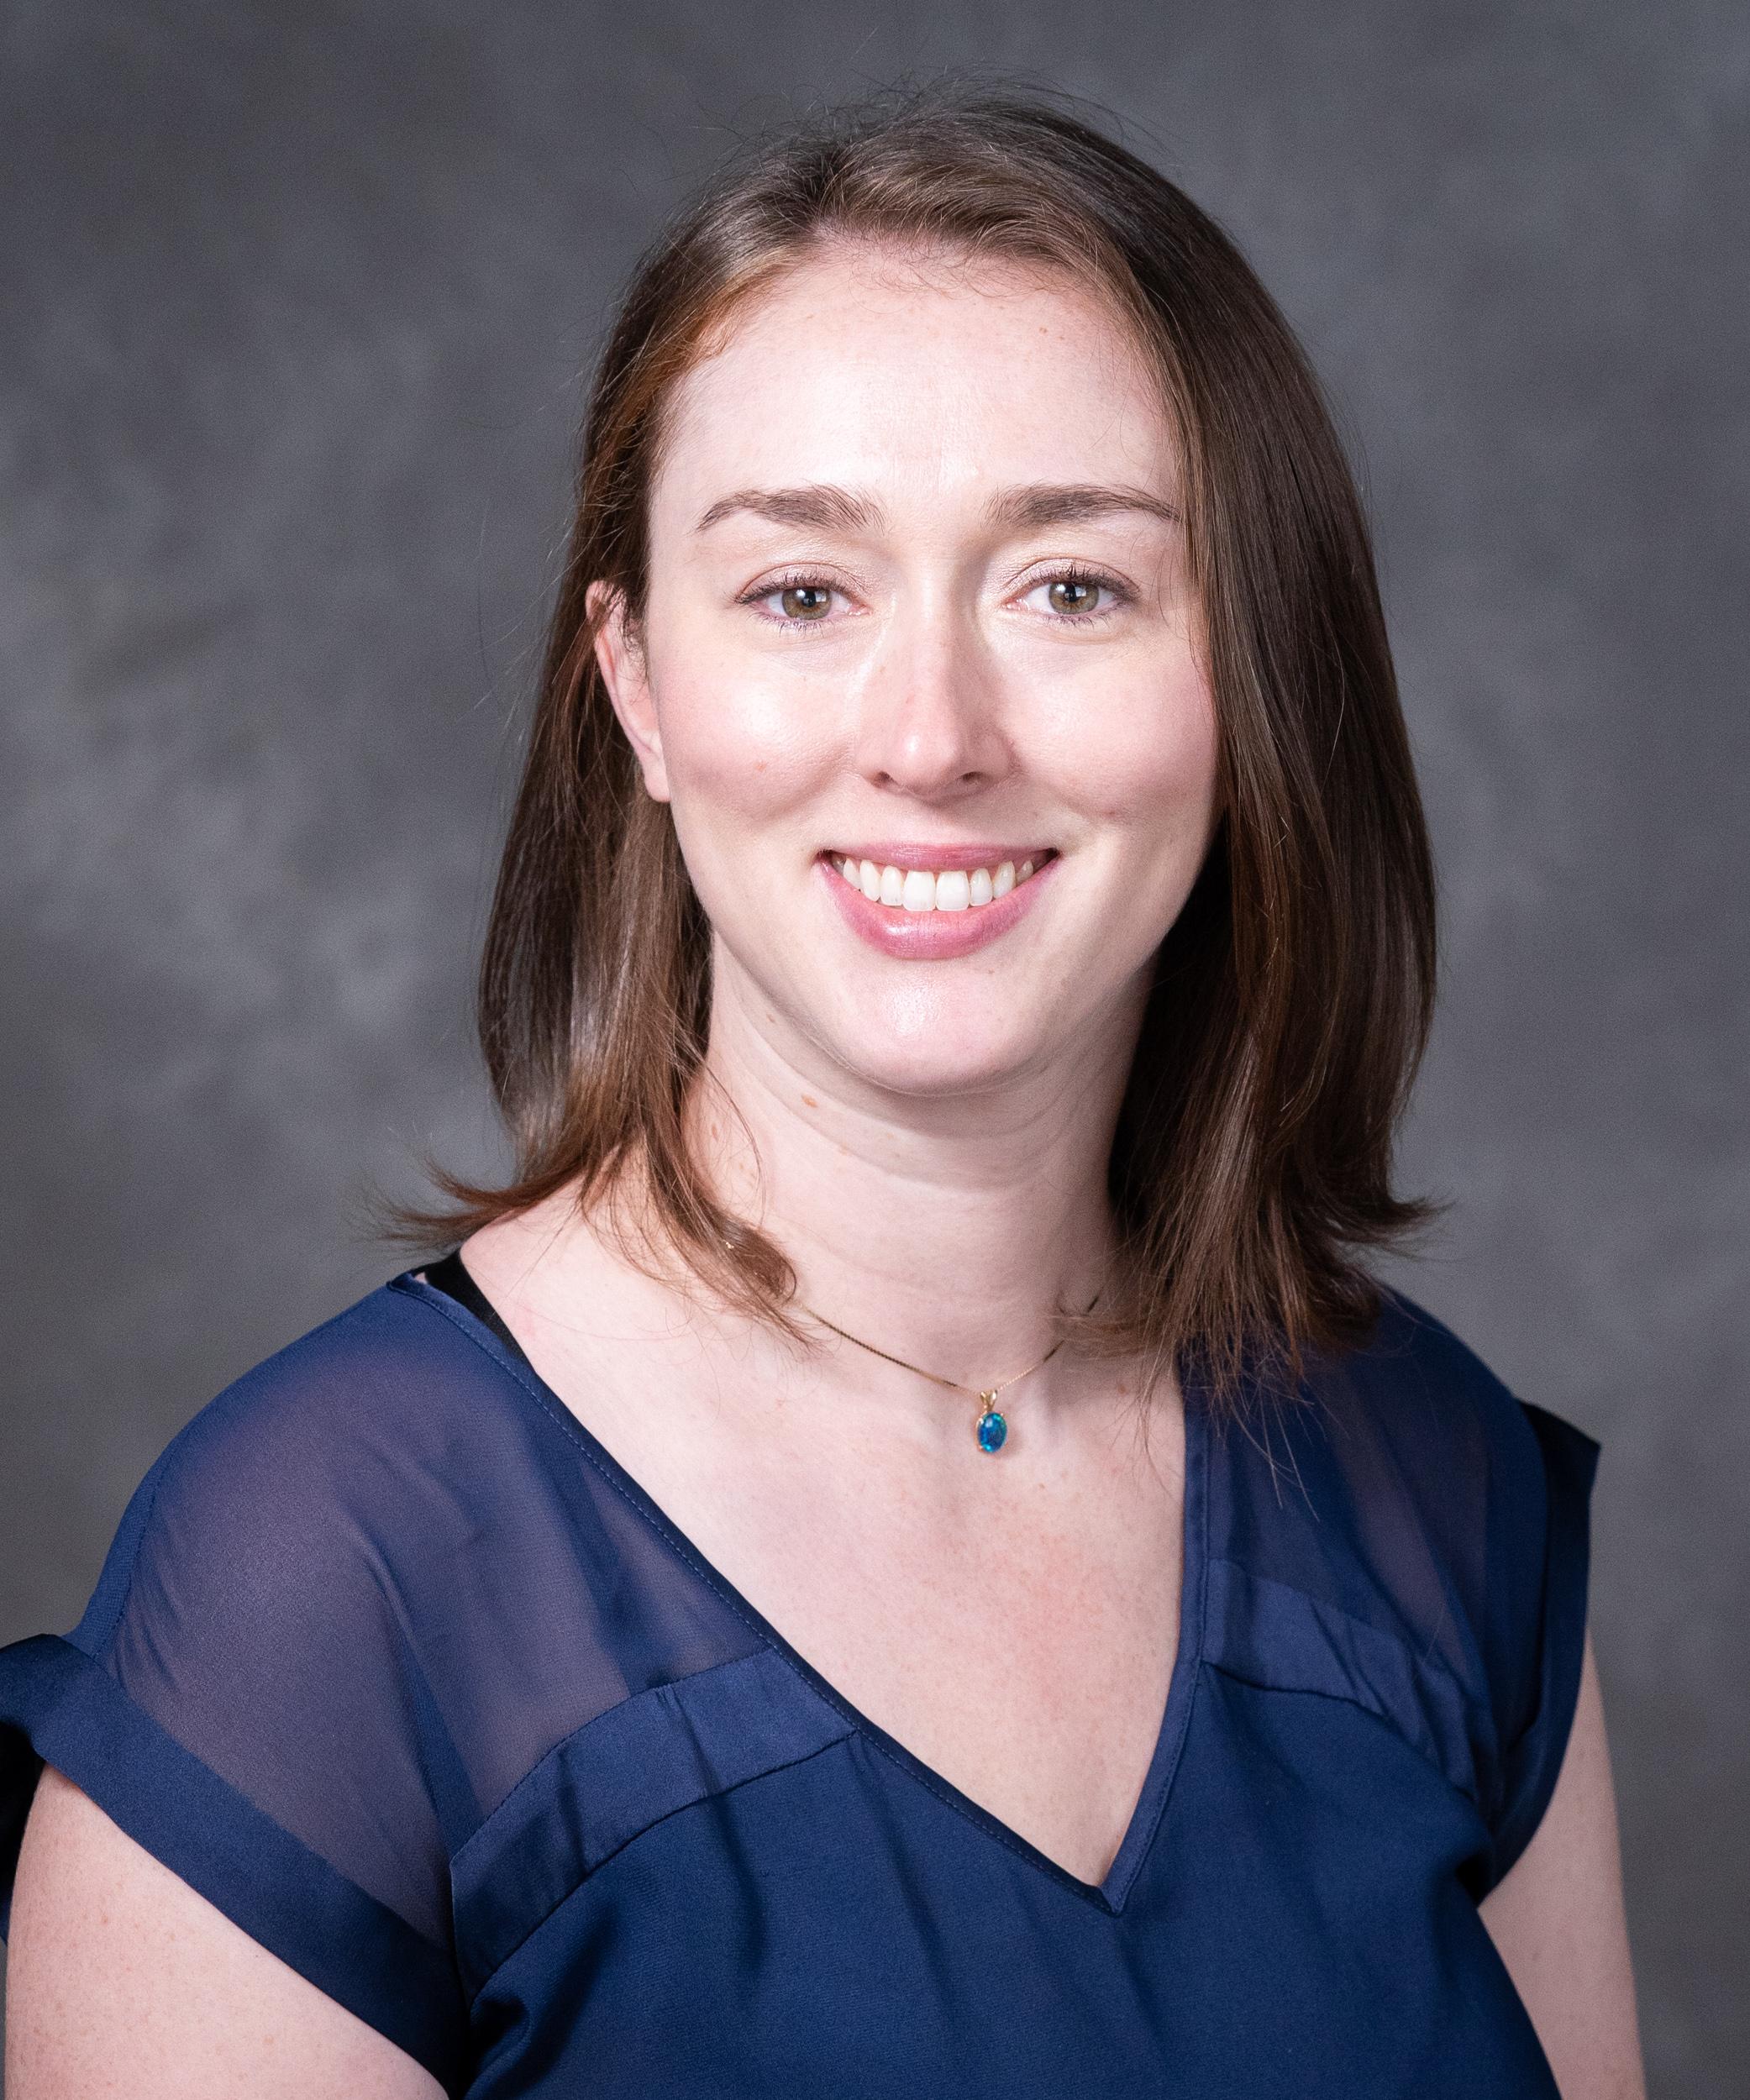 Dr. Adrienne Johnson